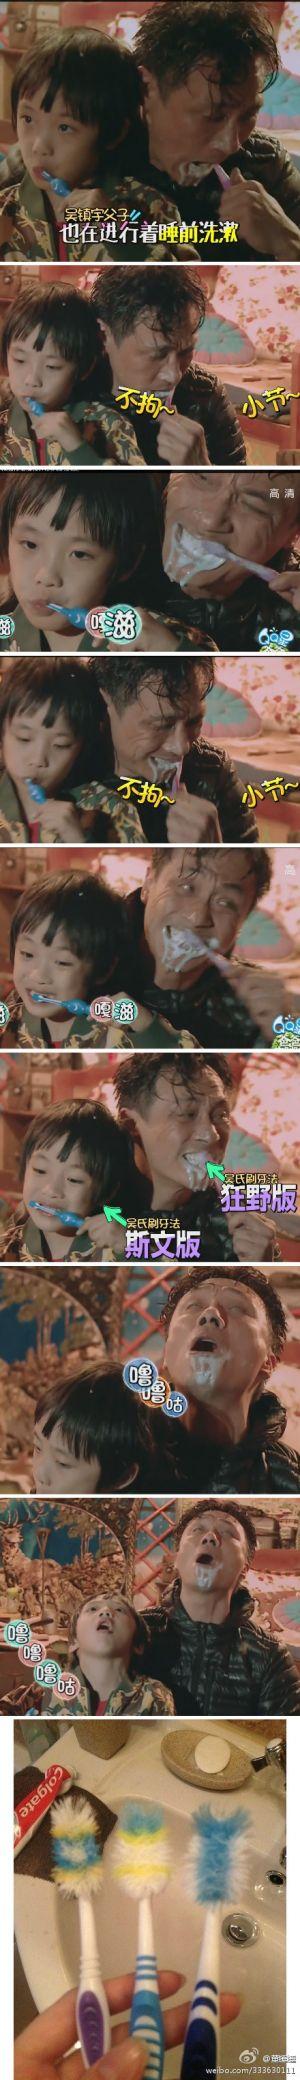 昨晚爸爸去哪儿刷牙这段真是笑死我了......-1